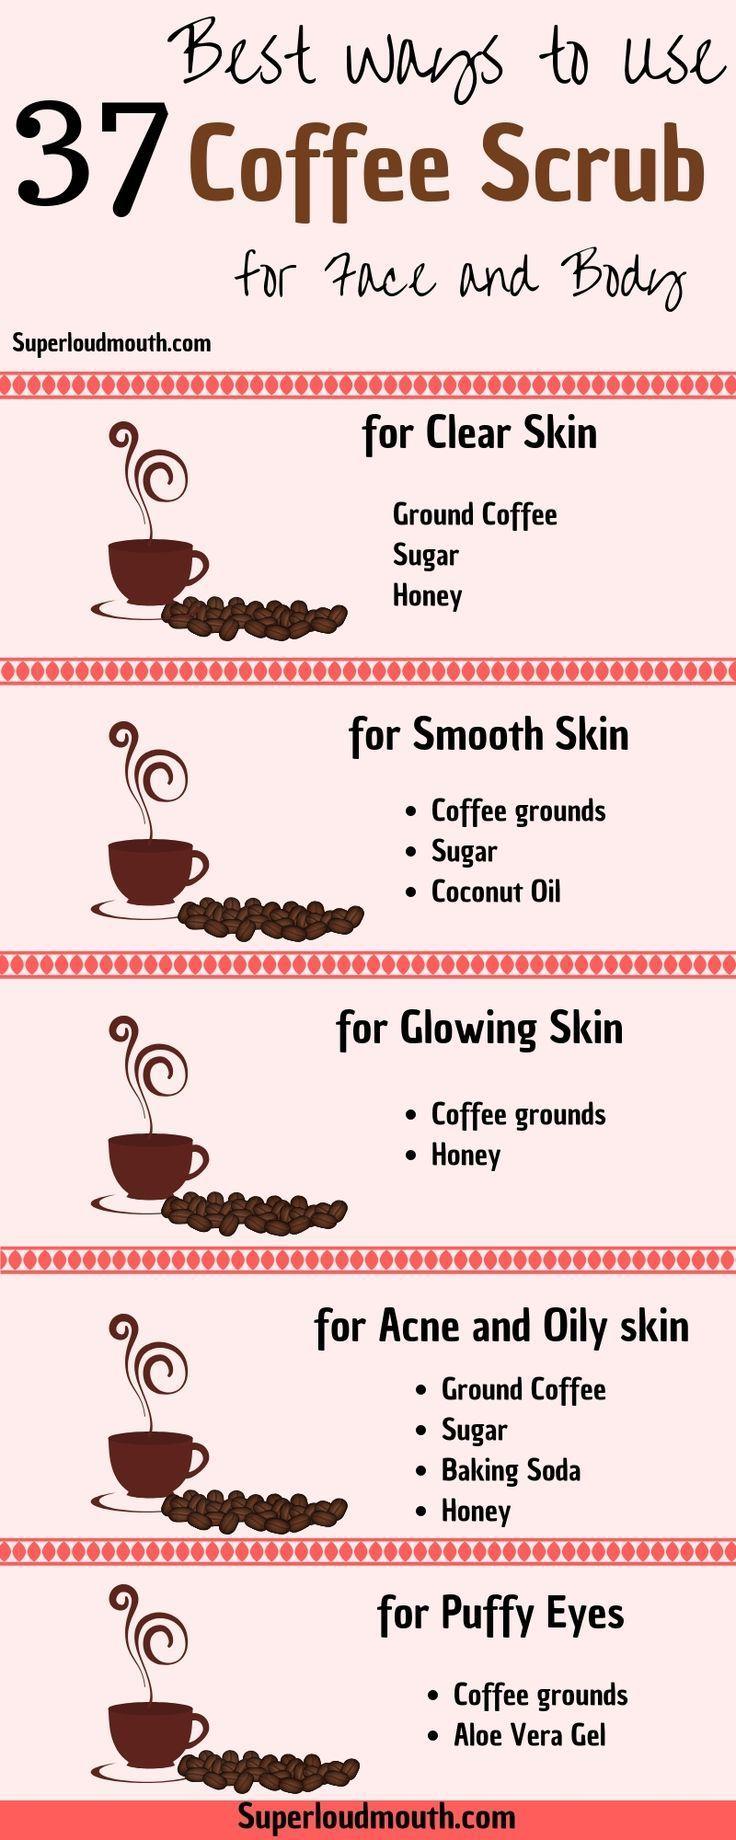 37 Diy Coffee Scrub Rezepte für ein schönes Gesicht, Körper und Cellulite – Hautpflege diy